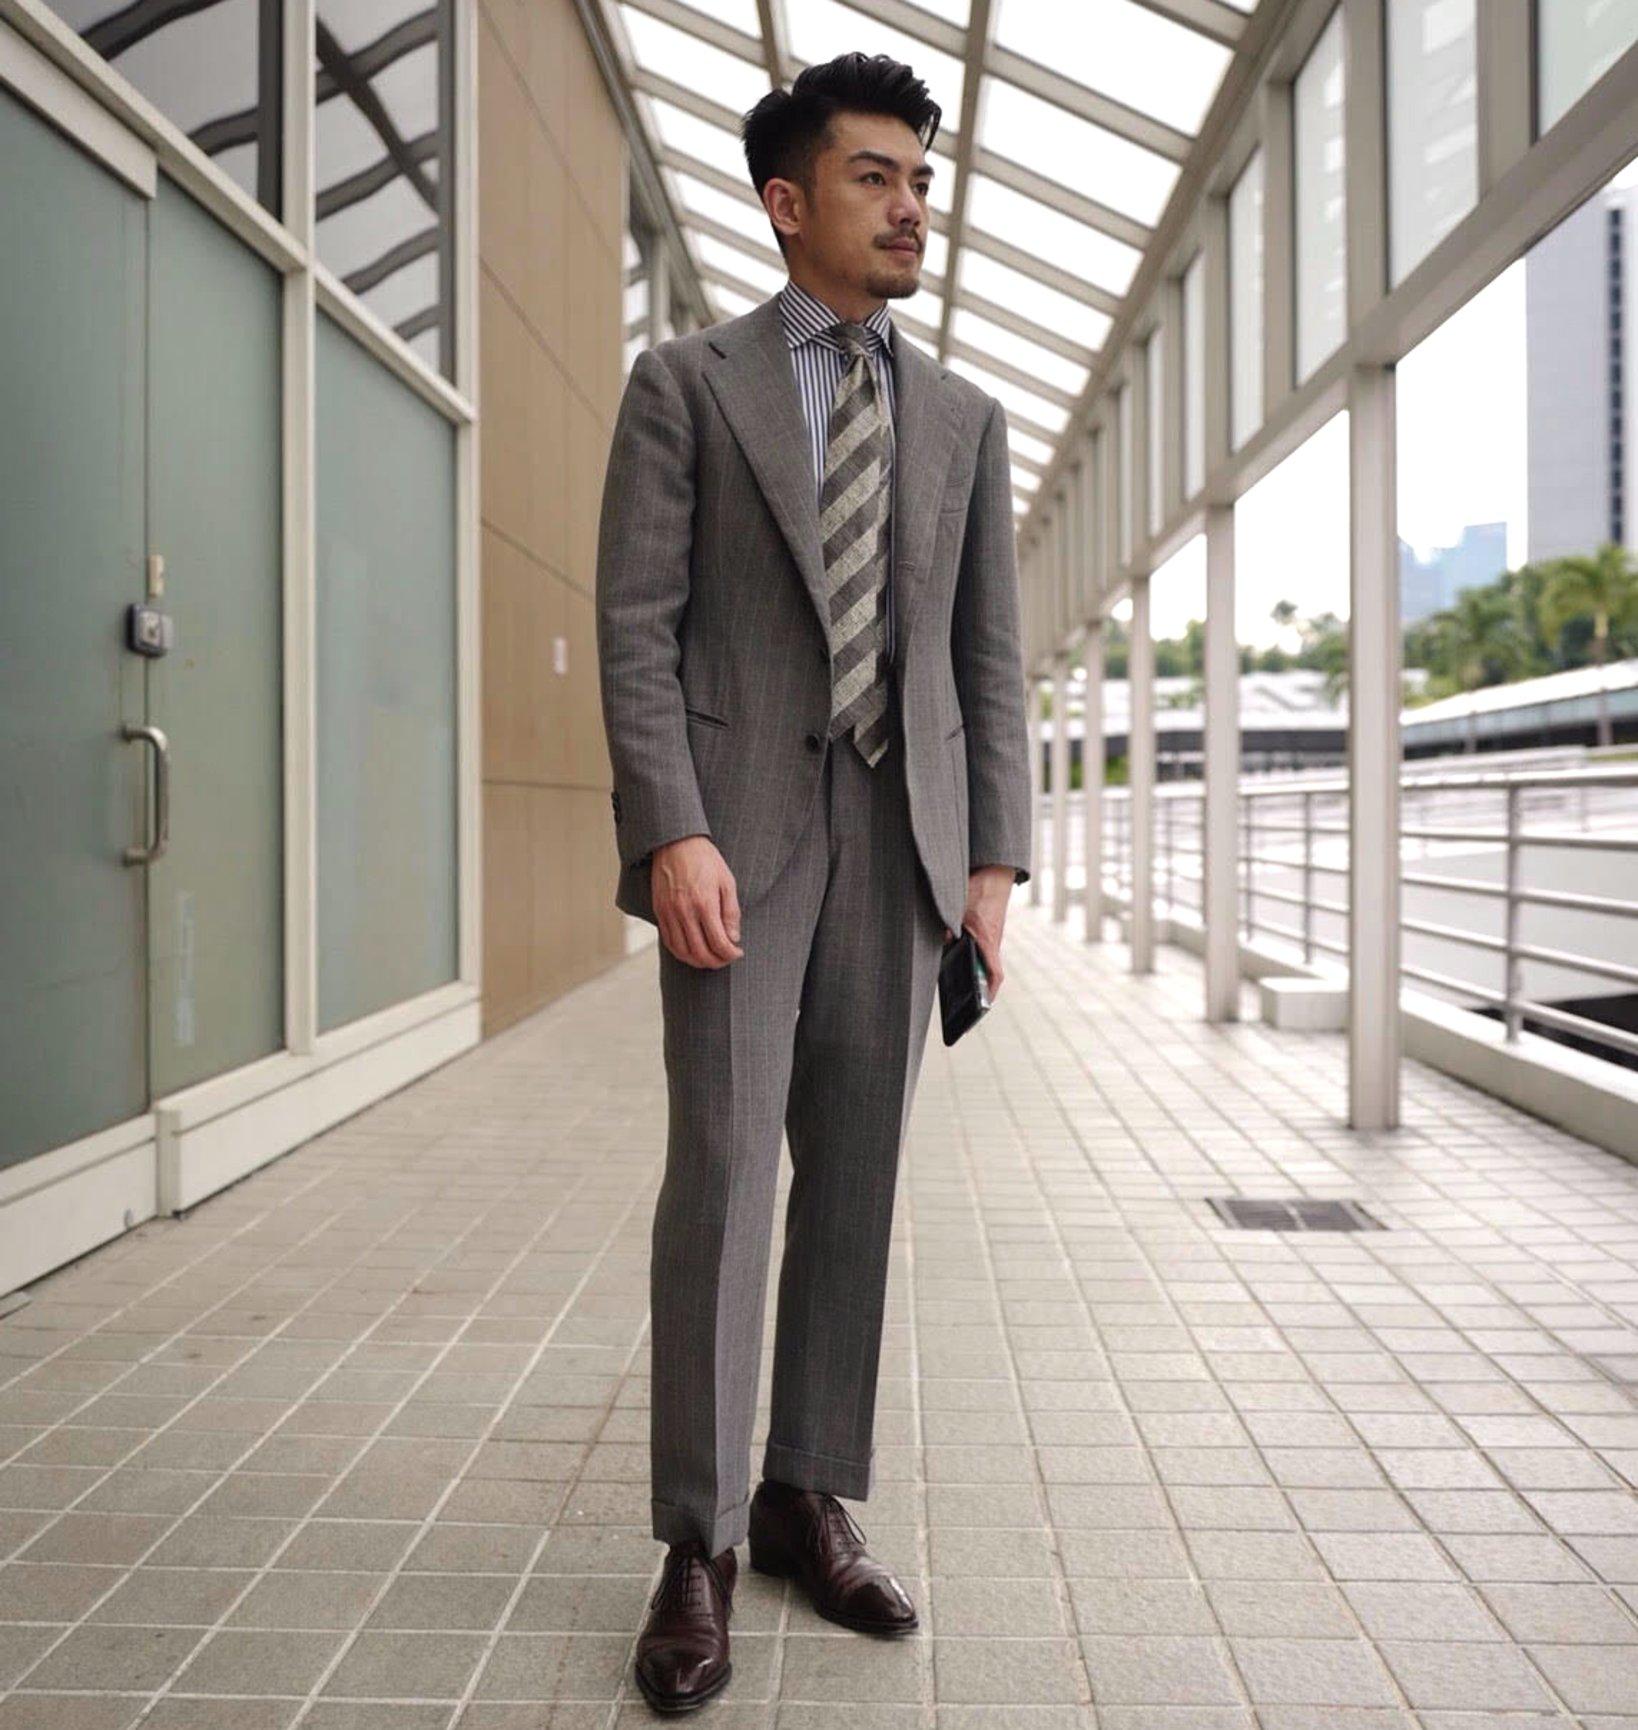 シンガポールのセレクトショップ、Last & Lapelのオーナー、 Alvin氏も東さんが作る服のファンのひとり。 スーツの美しさがよく伝わる一枚を拝借してきた。 全体にメリハリがあり、ディテールが立体感を出している。 ひと目で良いものとわかる雰囲気が漂っている。